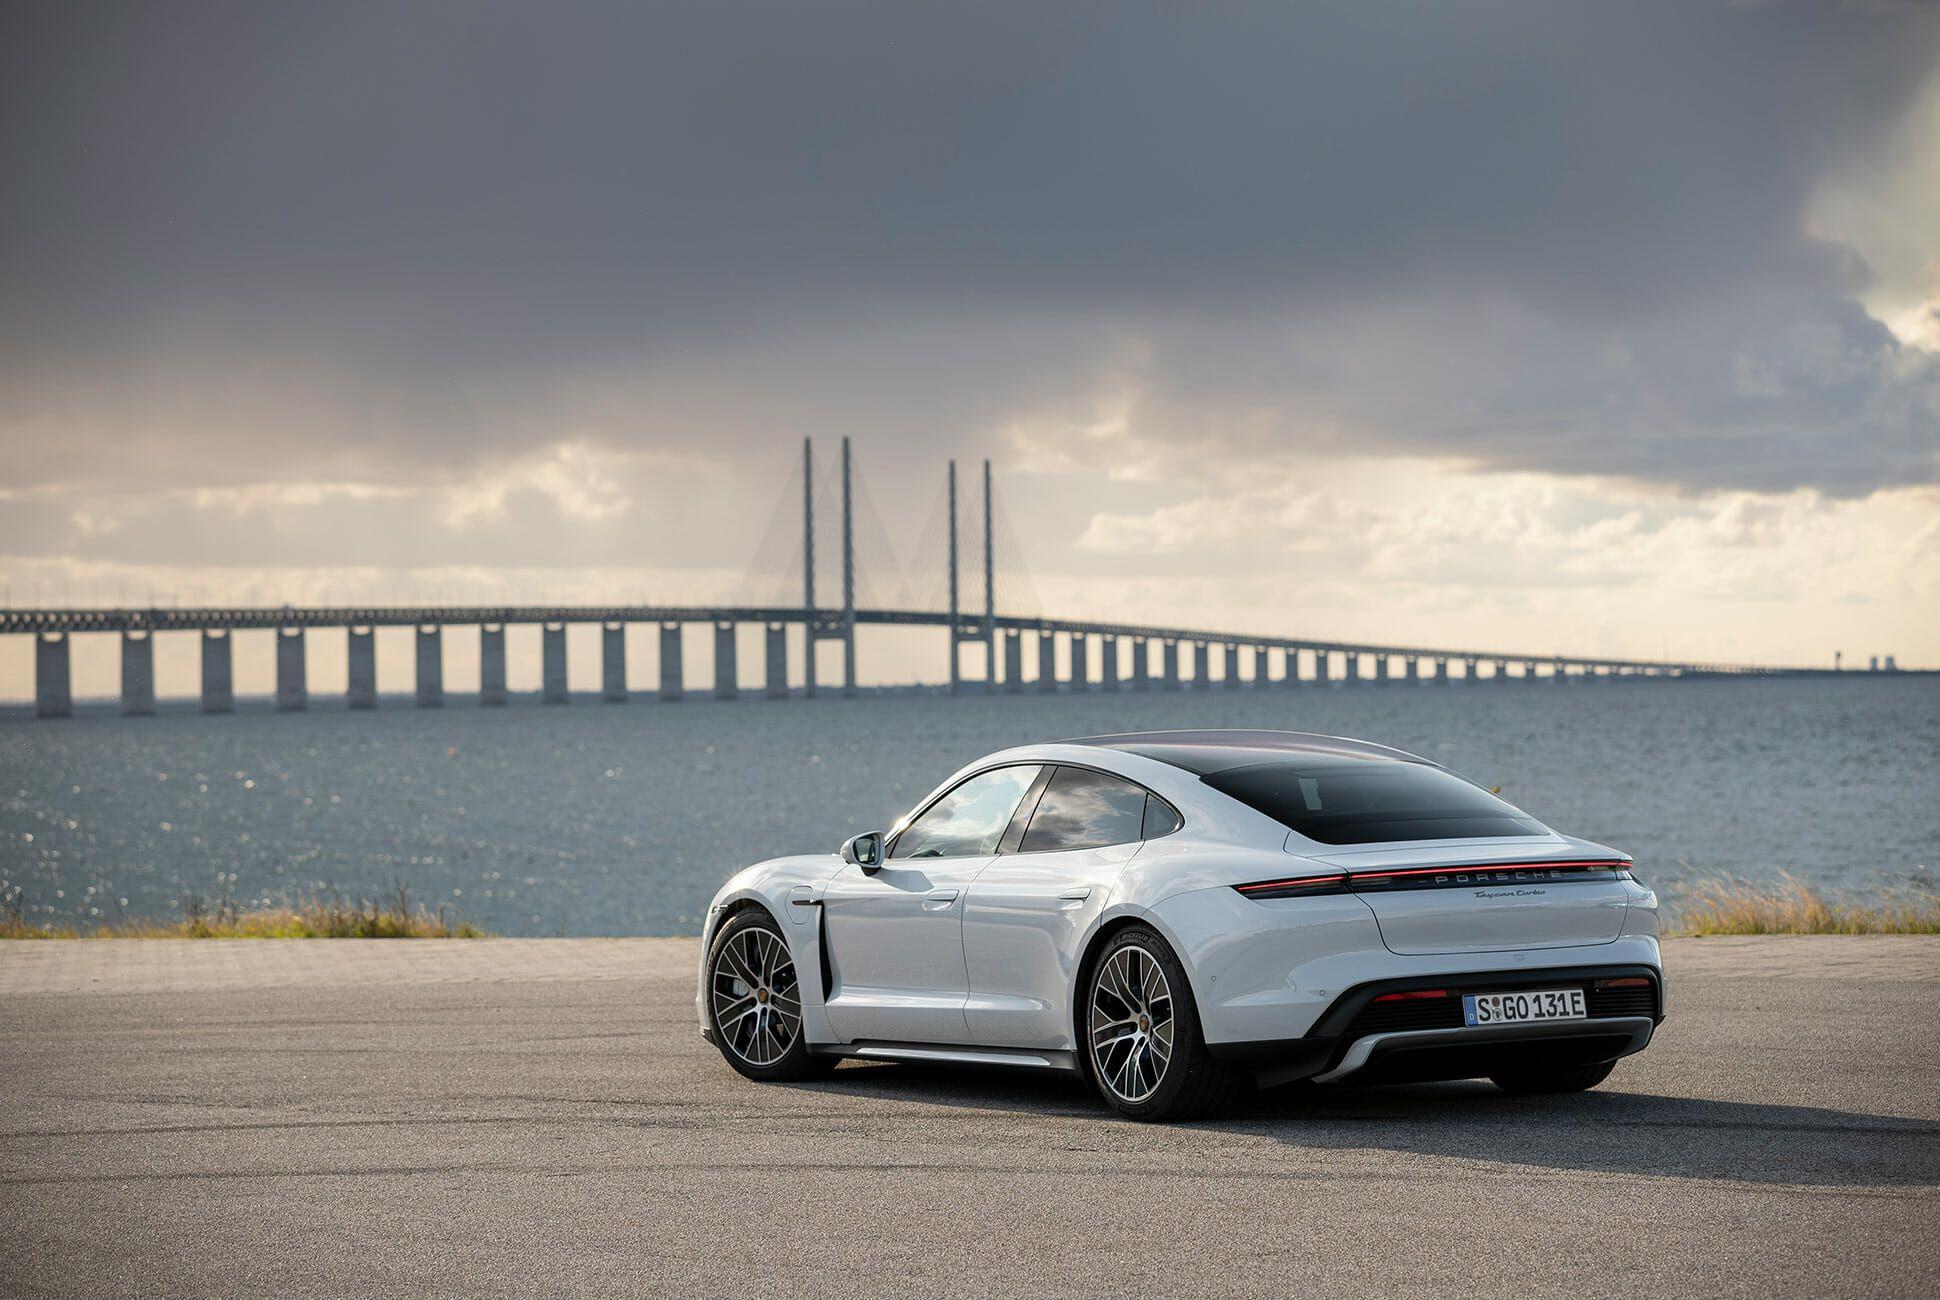 2020-Porsche-Taycan-Turbo-S-gear-patrol-lead-slide-6